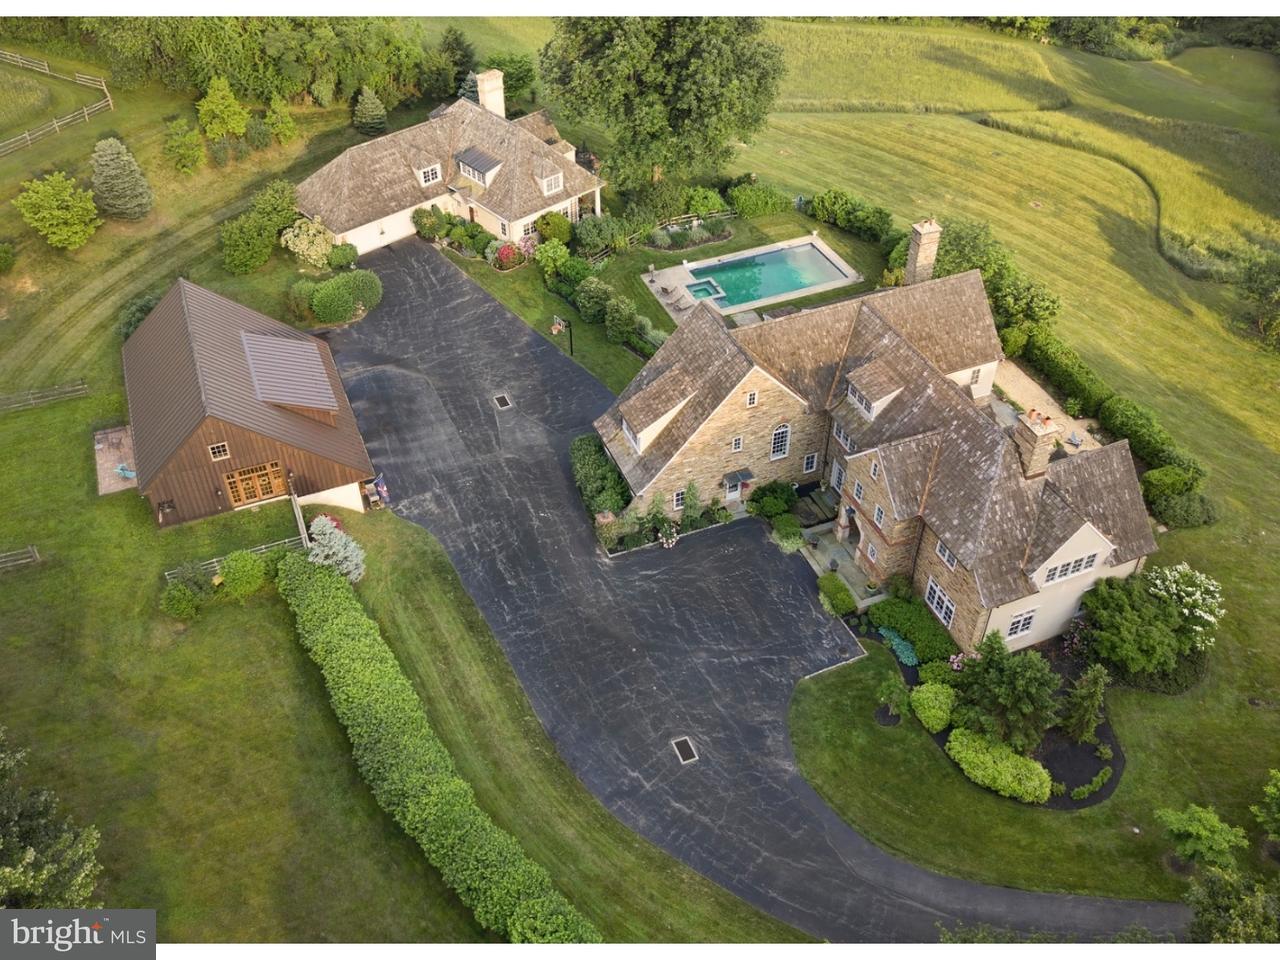 独户住宅 为 销售 在 671 DARBY PAOLI Road 维拉诺瓦, 宾夕法尼亚州 19085 美国